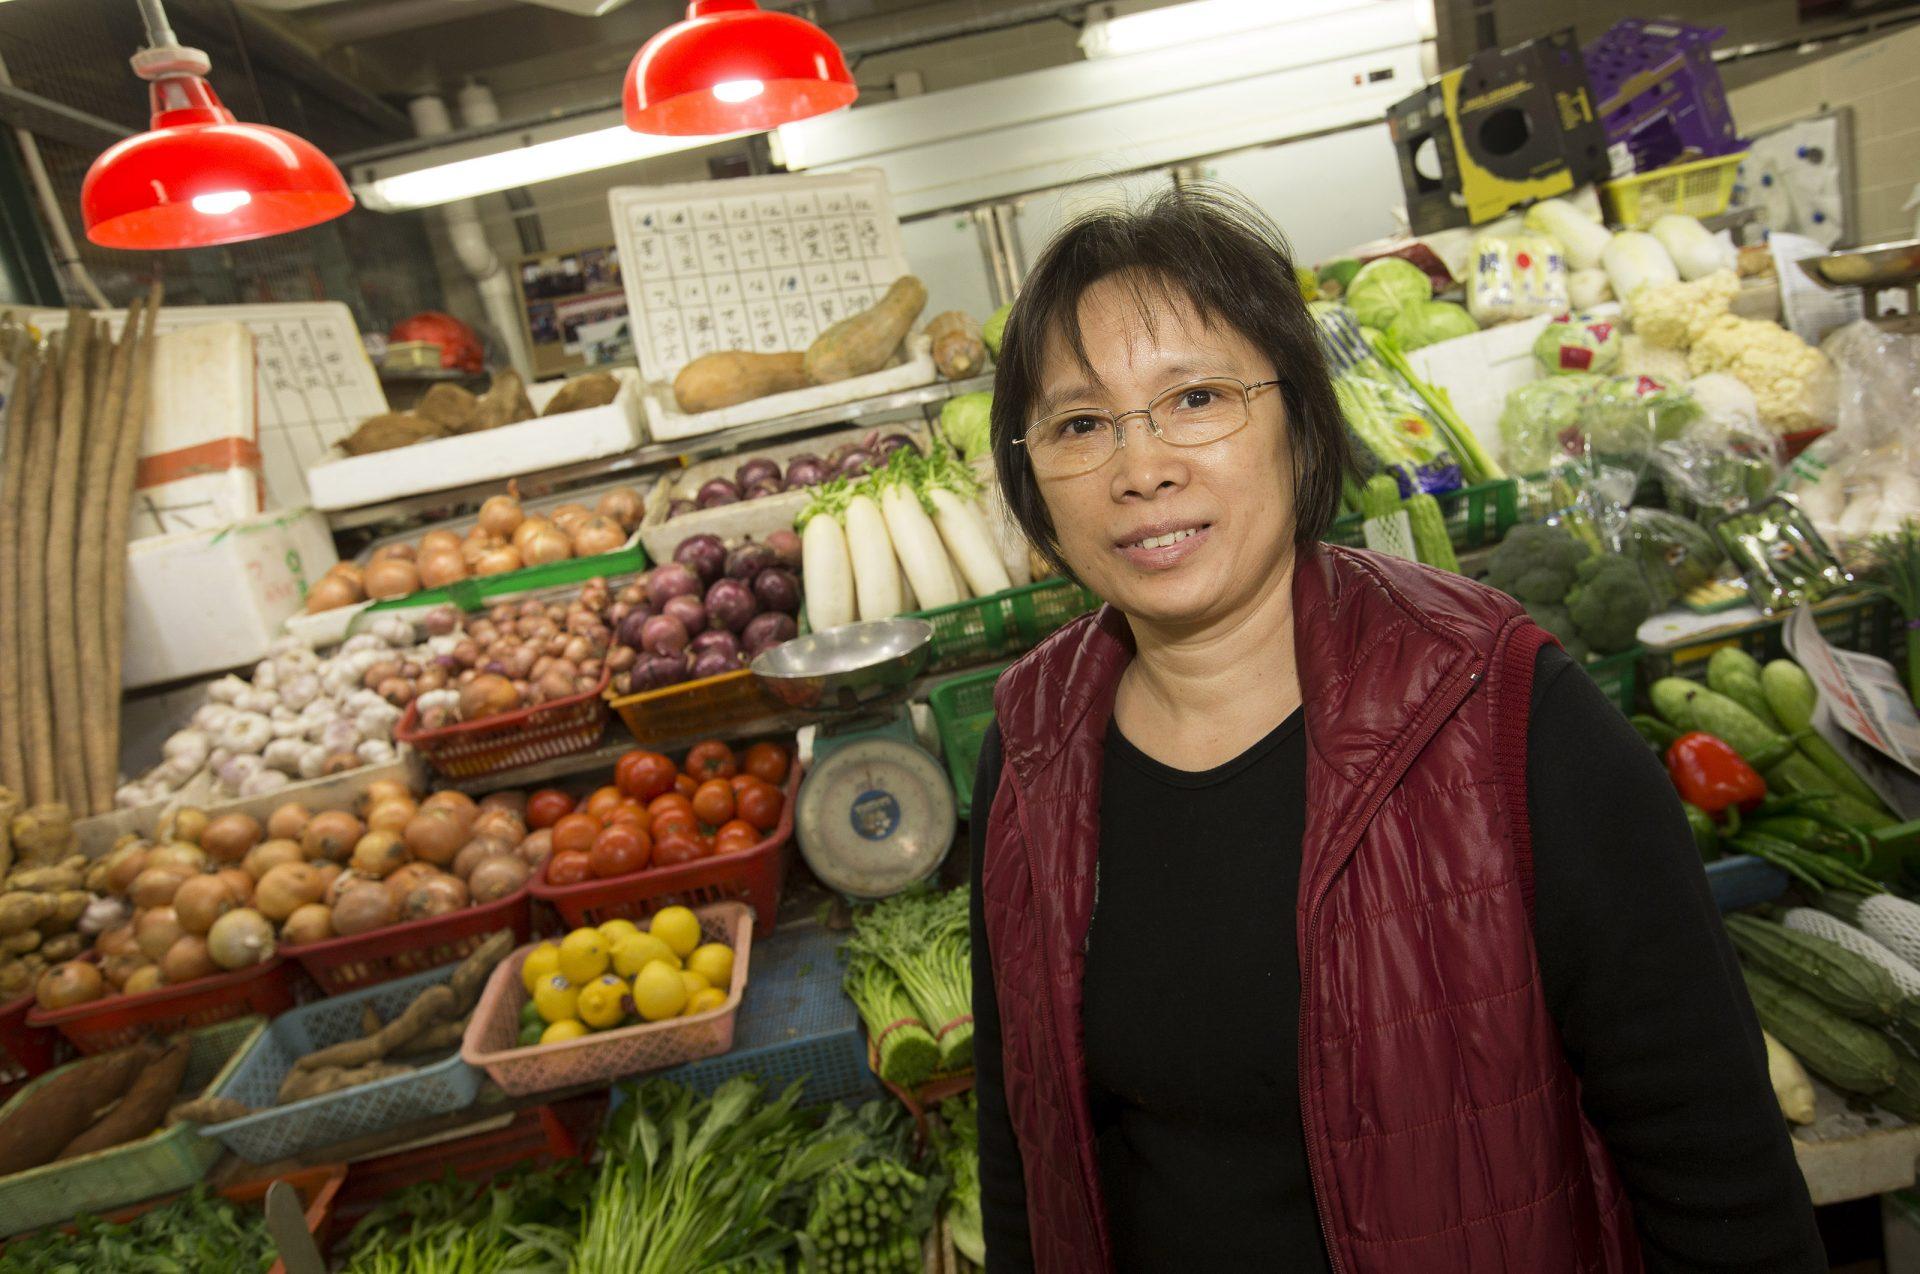 Macau inaugura centro de exposição de produtos alimentares dos países lusófonos